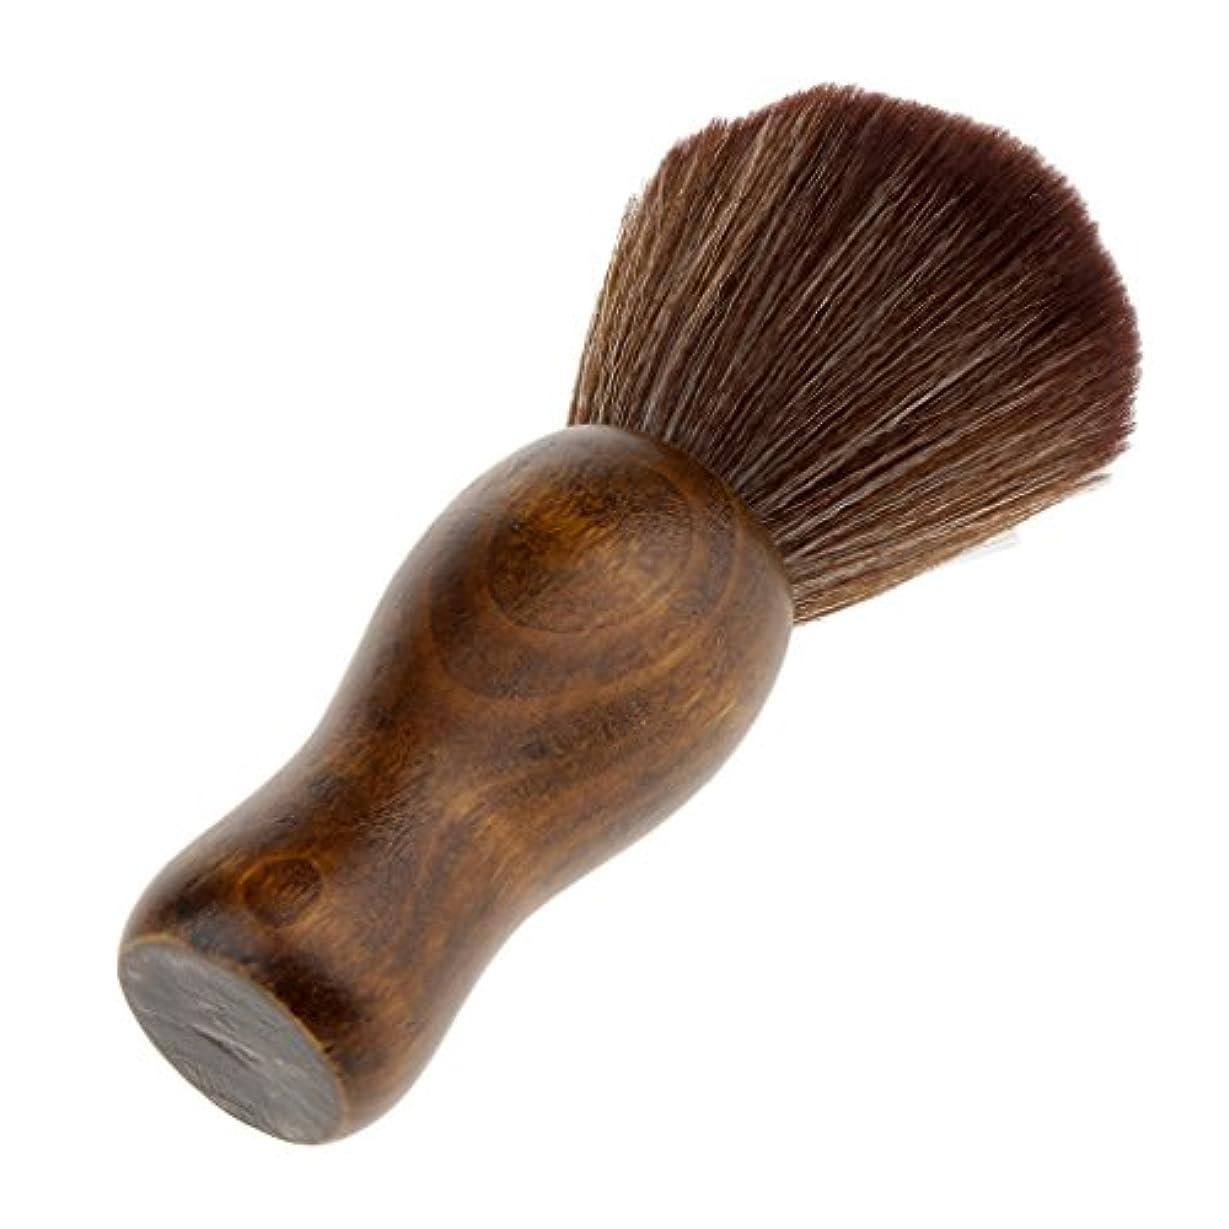 算術乳白色薬Kesoto シェービングブラシ ソフトファイバー シェービング ブラシ 化粧ブラシ ルースパウダー メイクブラシ 木製 2色選べる - 褐色